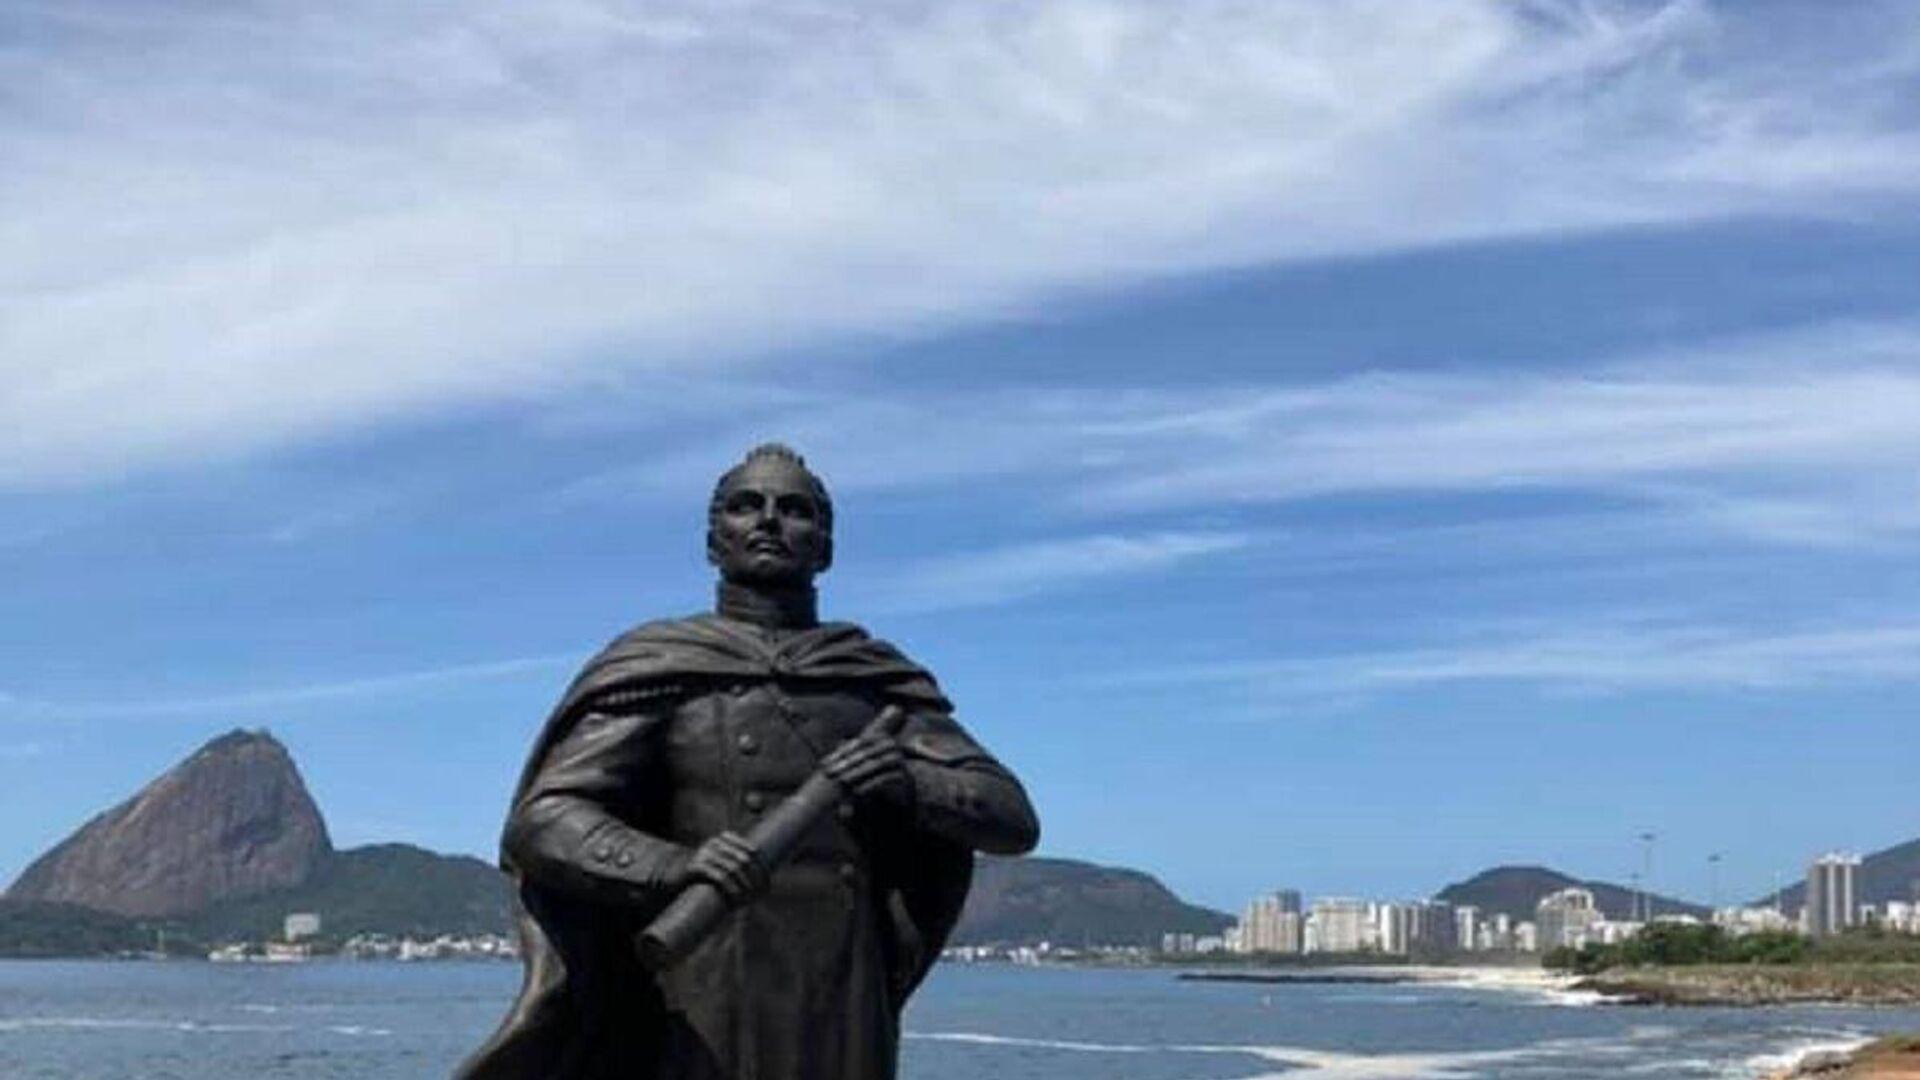 Monumento a Fadéi Bellingshausen, el jefe de la expedición rusa que descubrió la Antártida. - Sputnik Mundo, 1920, 27.09.2021